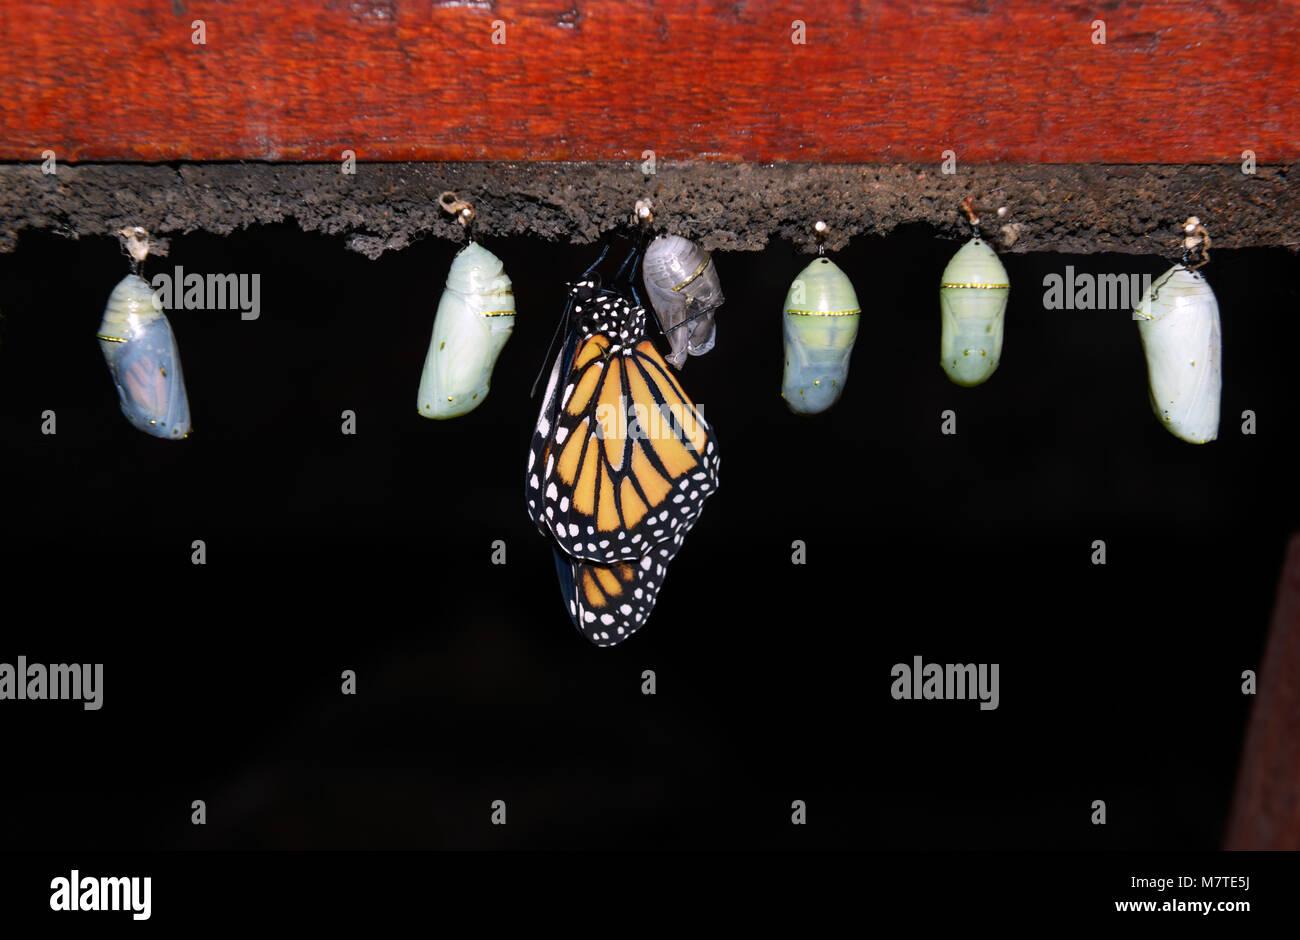 Farfalla monarca, Danaus plexippus, emergente dalla crisalide, butterfly farm, La Paz waterfall gardens, Costa Rica Immagini Stock